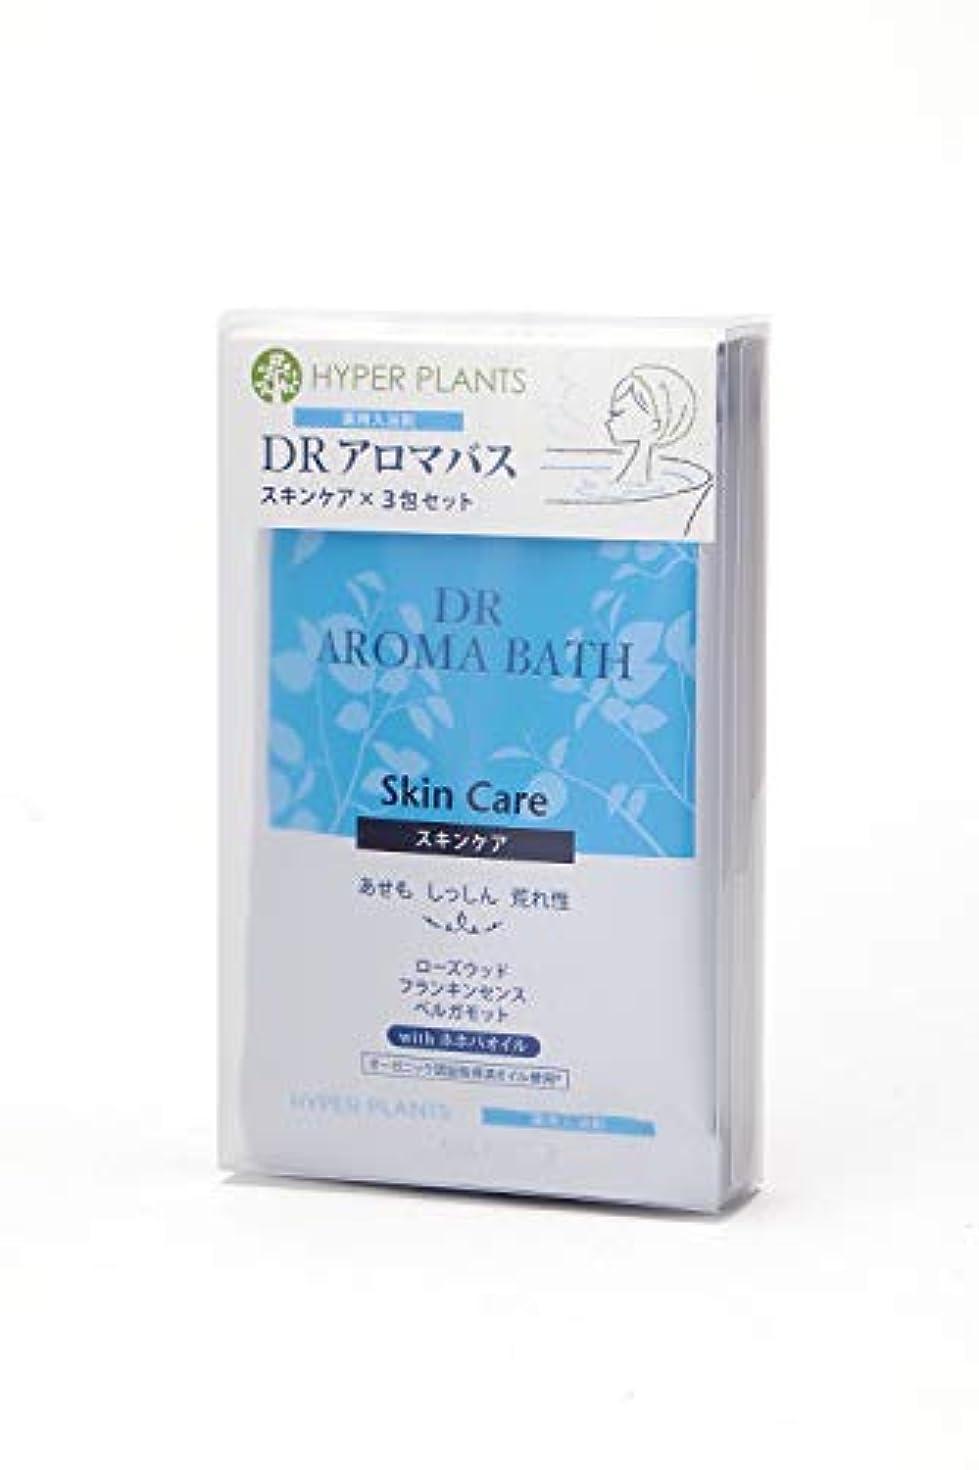 傾向があります可愛い流暢医薬部外品 薬用入浴剤 ハイパープランツ DRアロマバス スキンケア 3包セット